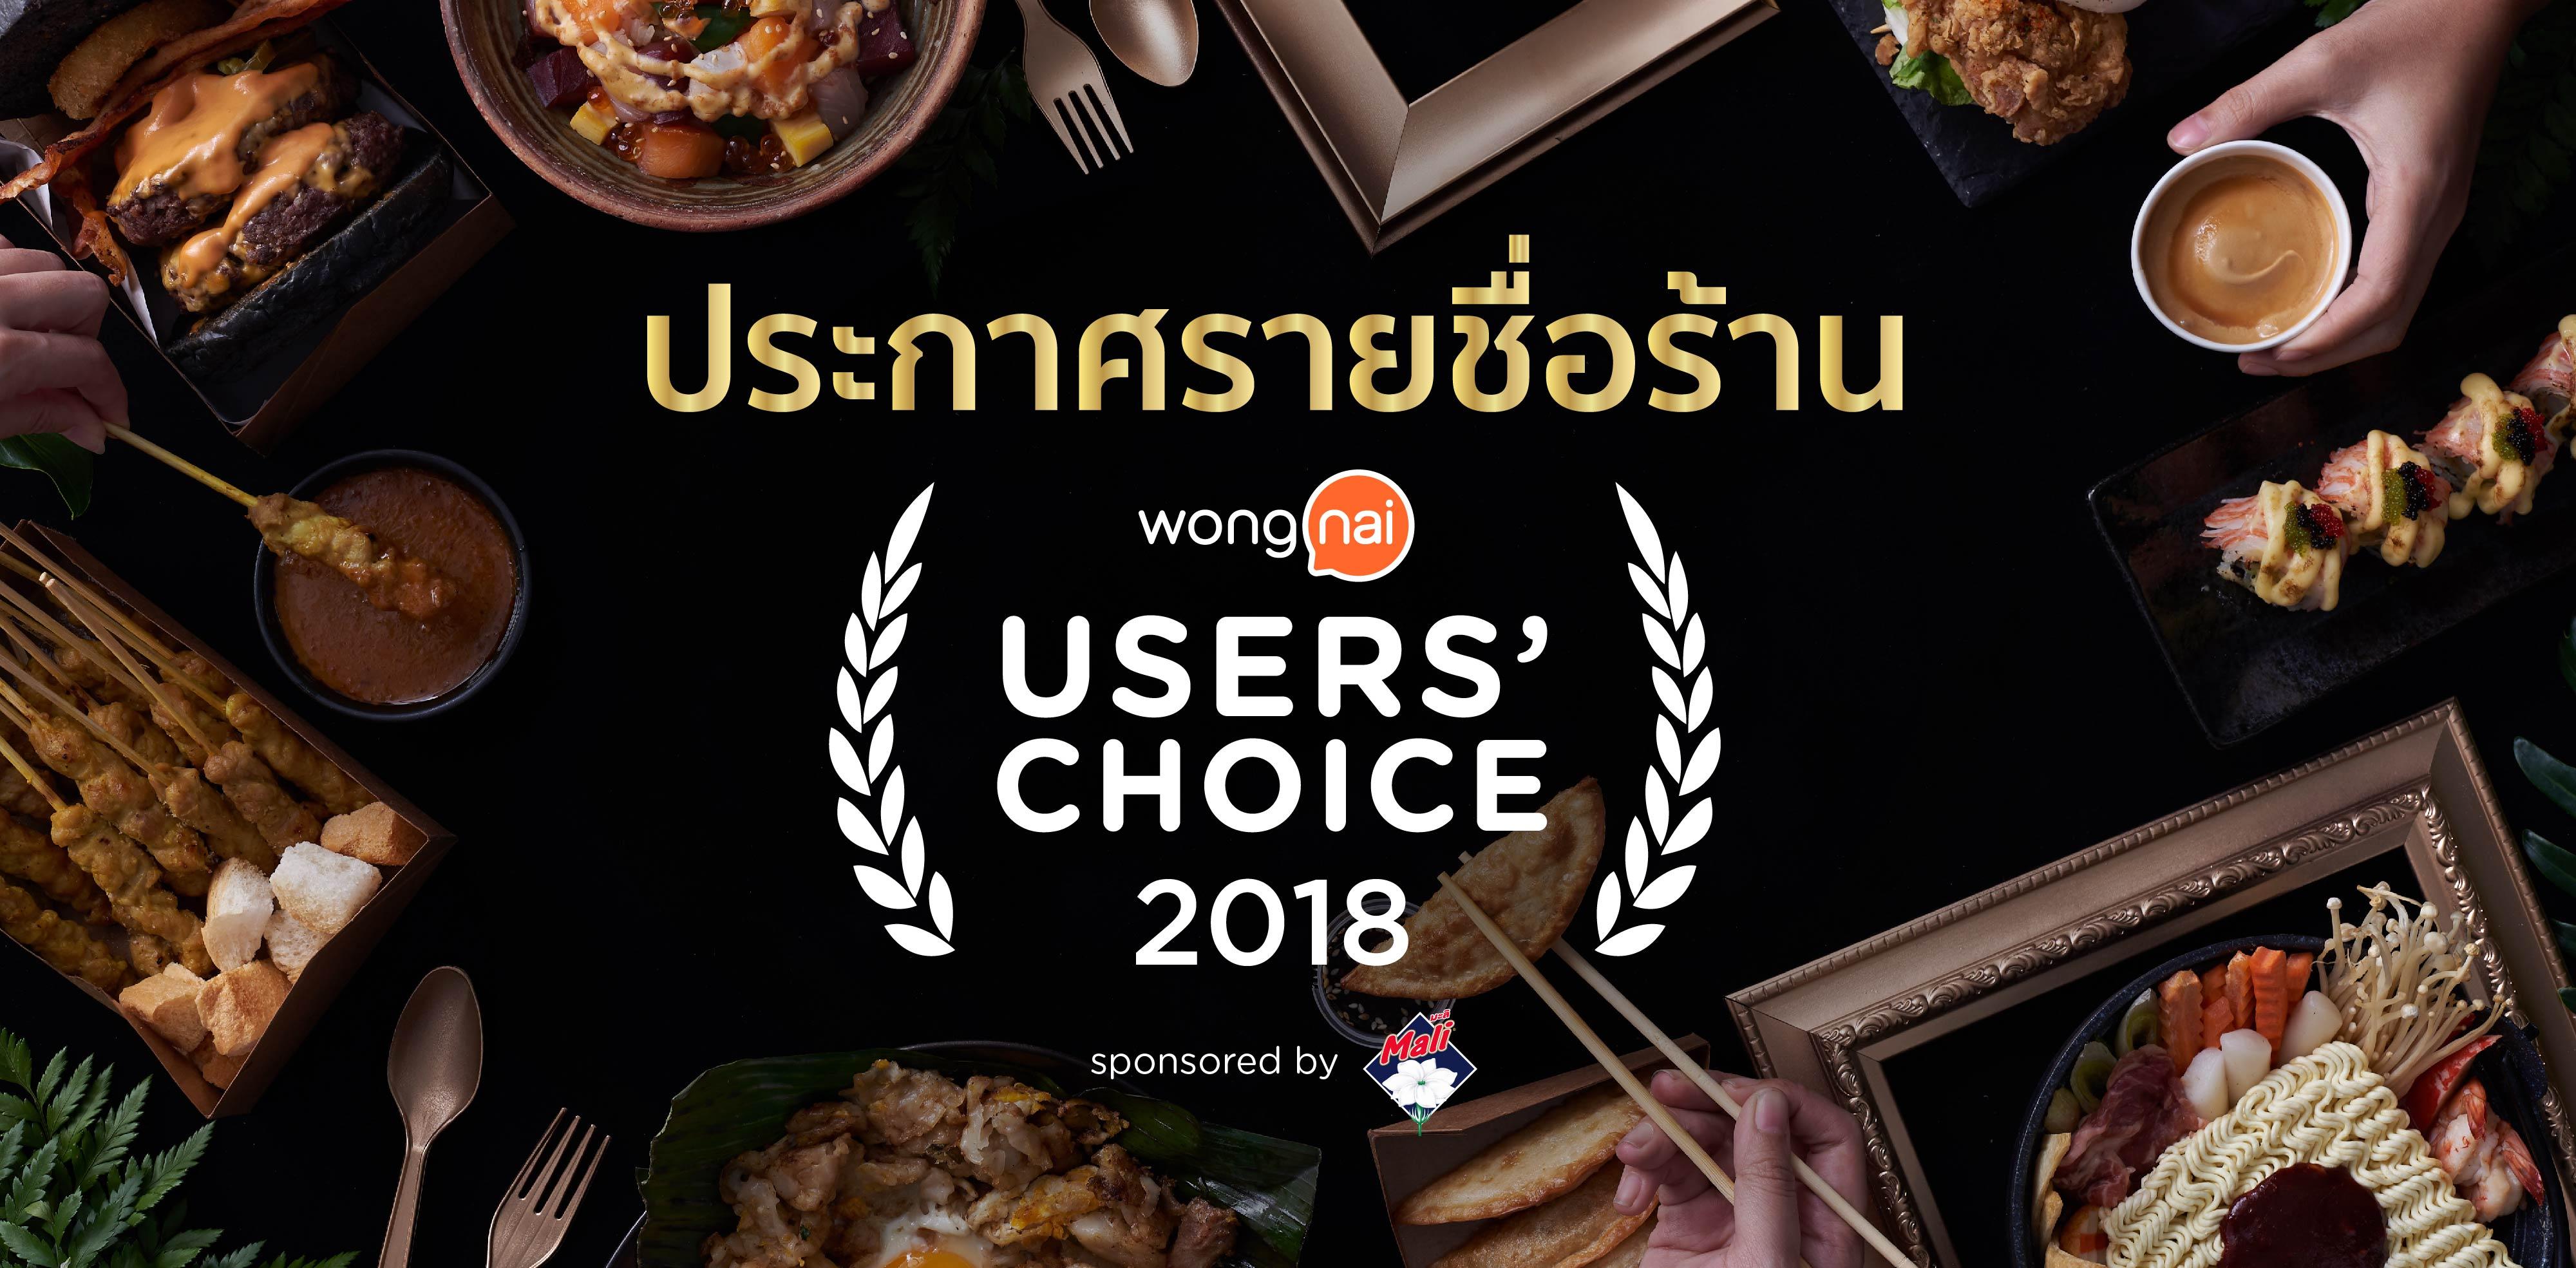 Wongnai Users Choice 2018